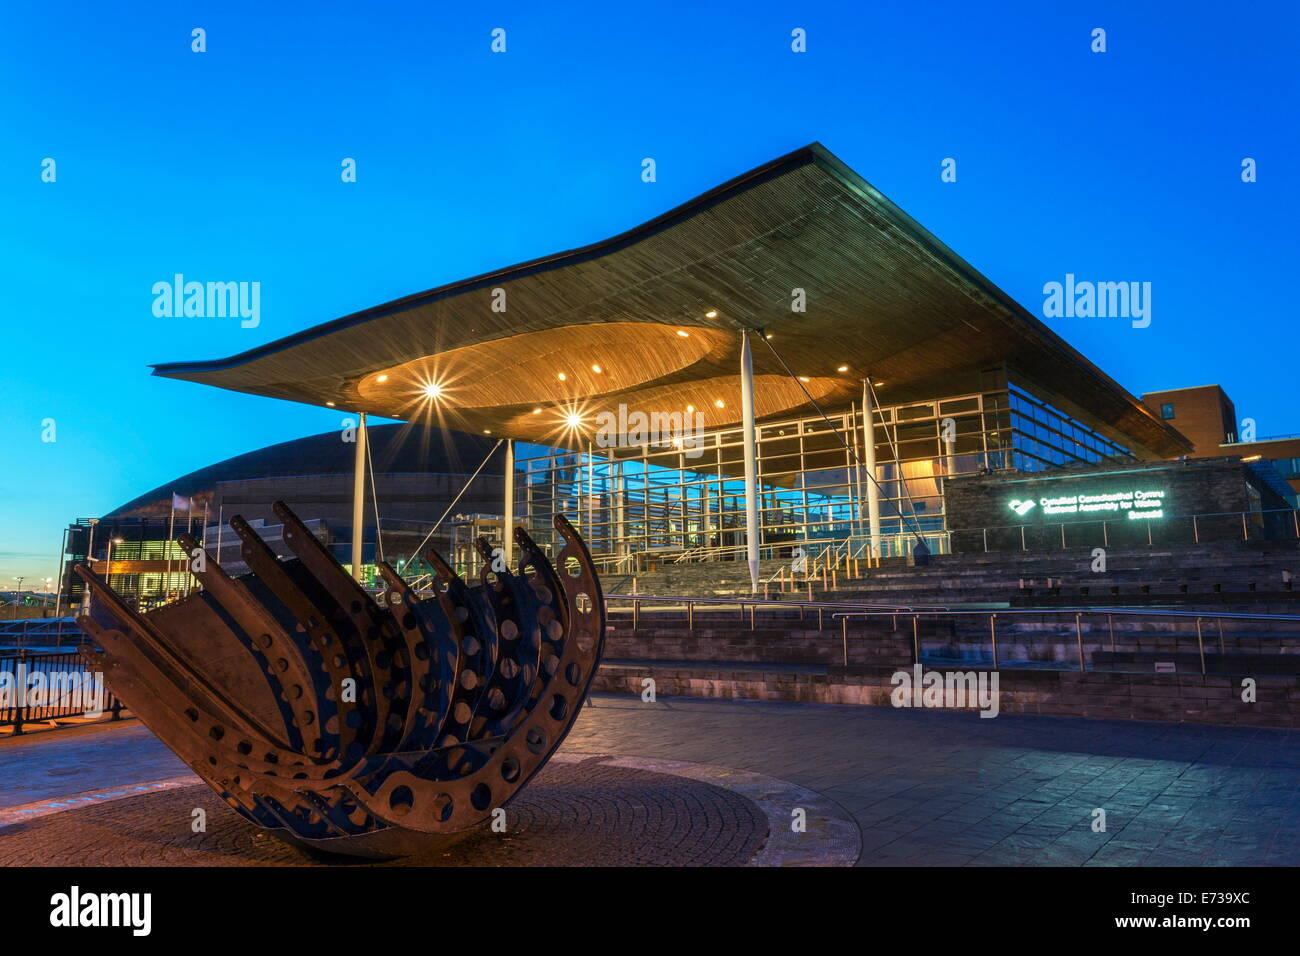 L'Assemblée galloise (Senedd), la baie de Cardiff, Pays de Galles, Royaume-Uni, Europe Photo Stock